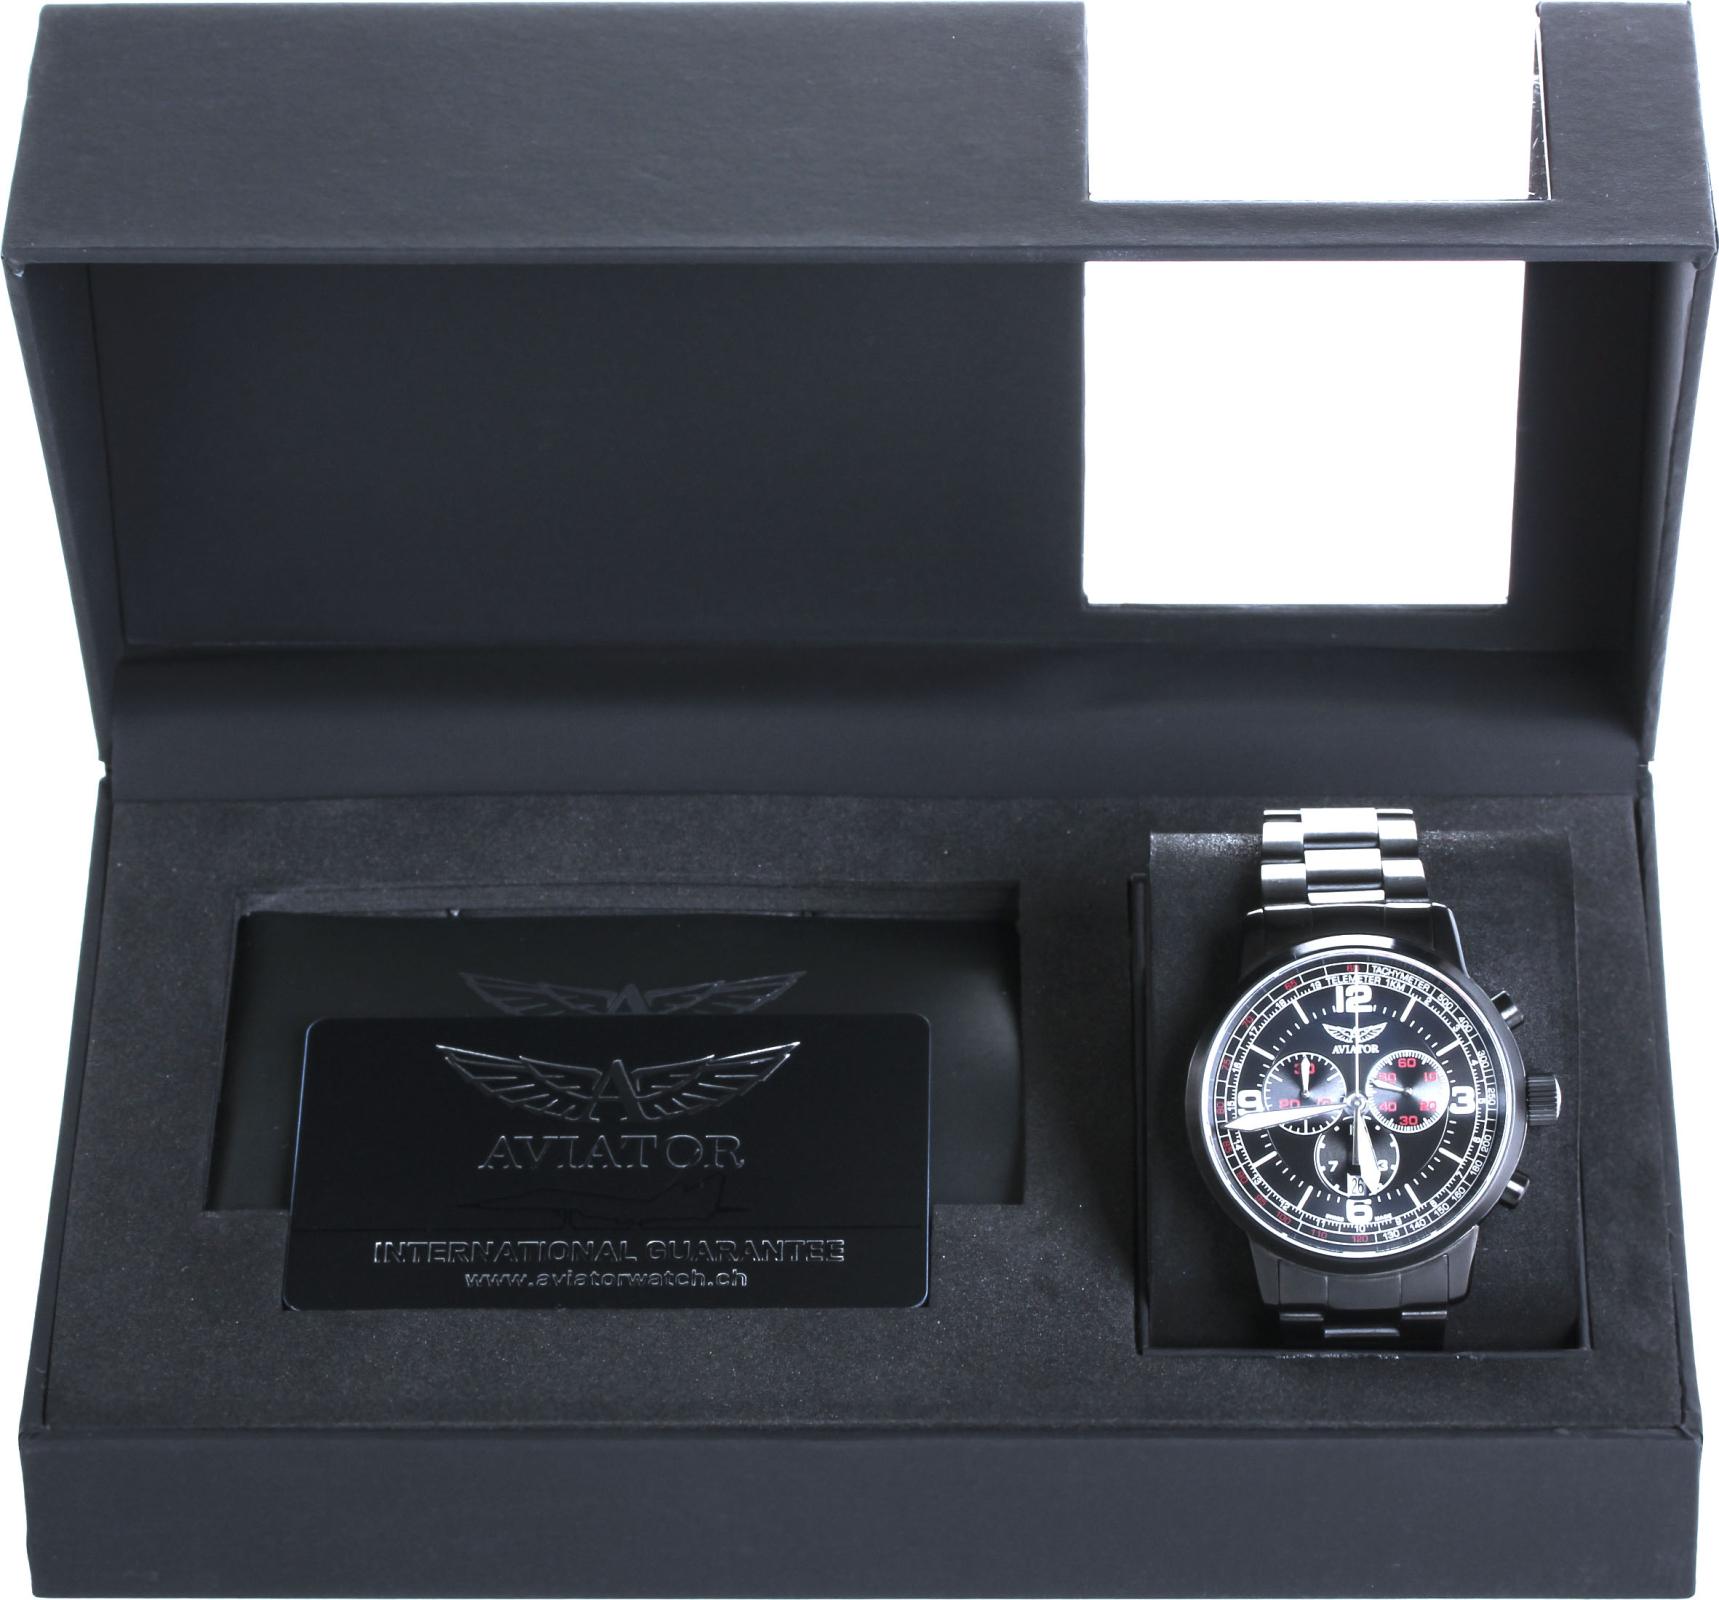 Aviator KINGCOBRA CHRONO V.2.16.5.094.5Наручные часы<br>Швейцарские часы Aviator KINGCOBRA CHRONO V.2.16.5.094.5<br><br>Пол: Мужские<br>Страна-производитель: Швейцария<br>Механизм: Кварцевый<br>Материал корпуса: Сталь<br>Материал ремня/браслета: Сталь<br>Водозащита, диапазон: 100 - 150 м<br>Стекло: Сапфировое<br>Толщина корпуса: 12 мм<br>Стиль: Классика